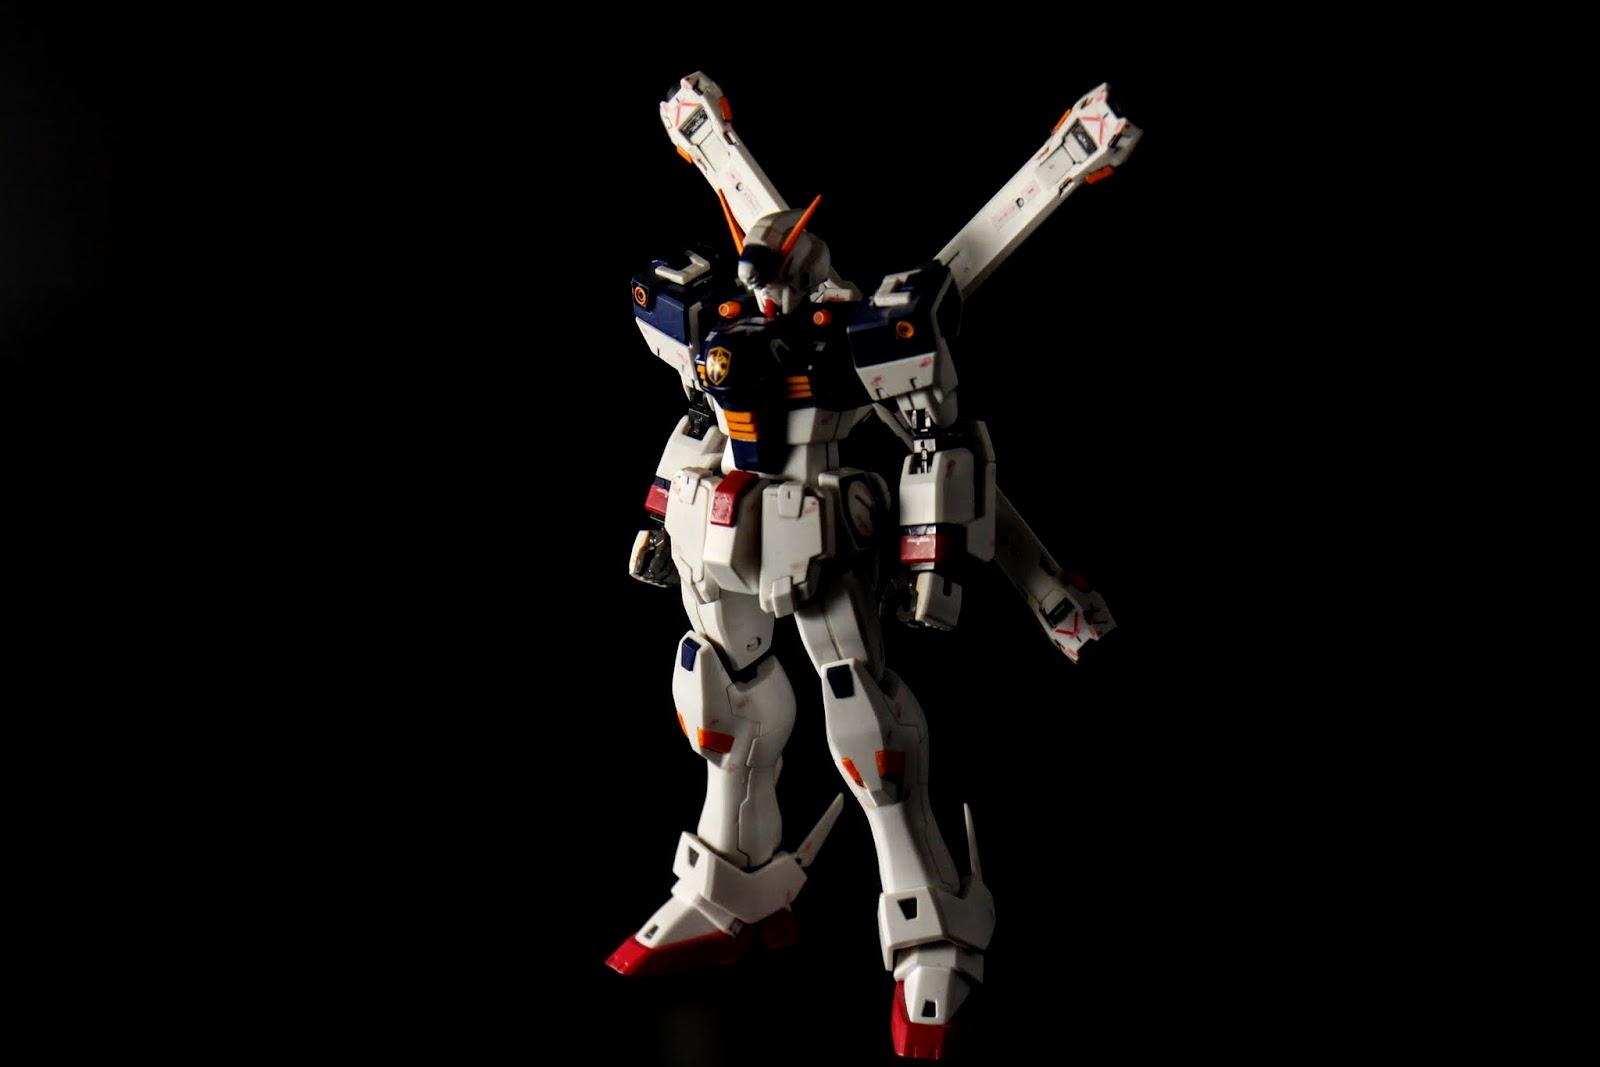 真實編號為F-97的CrossBone Gundam